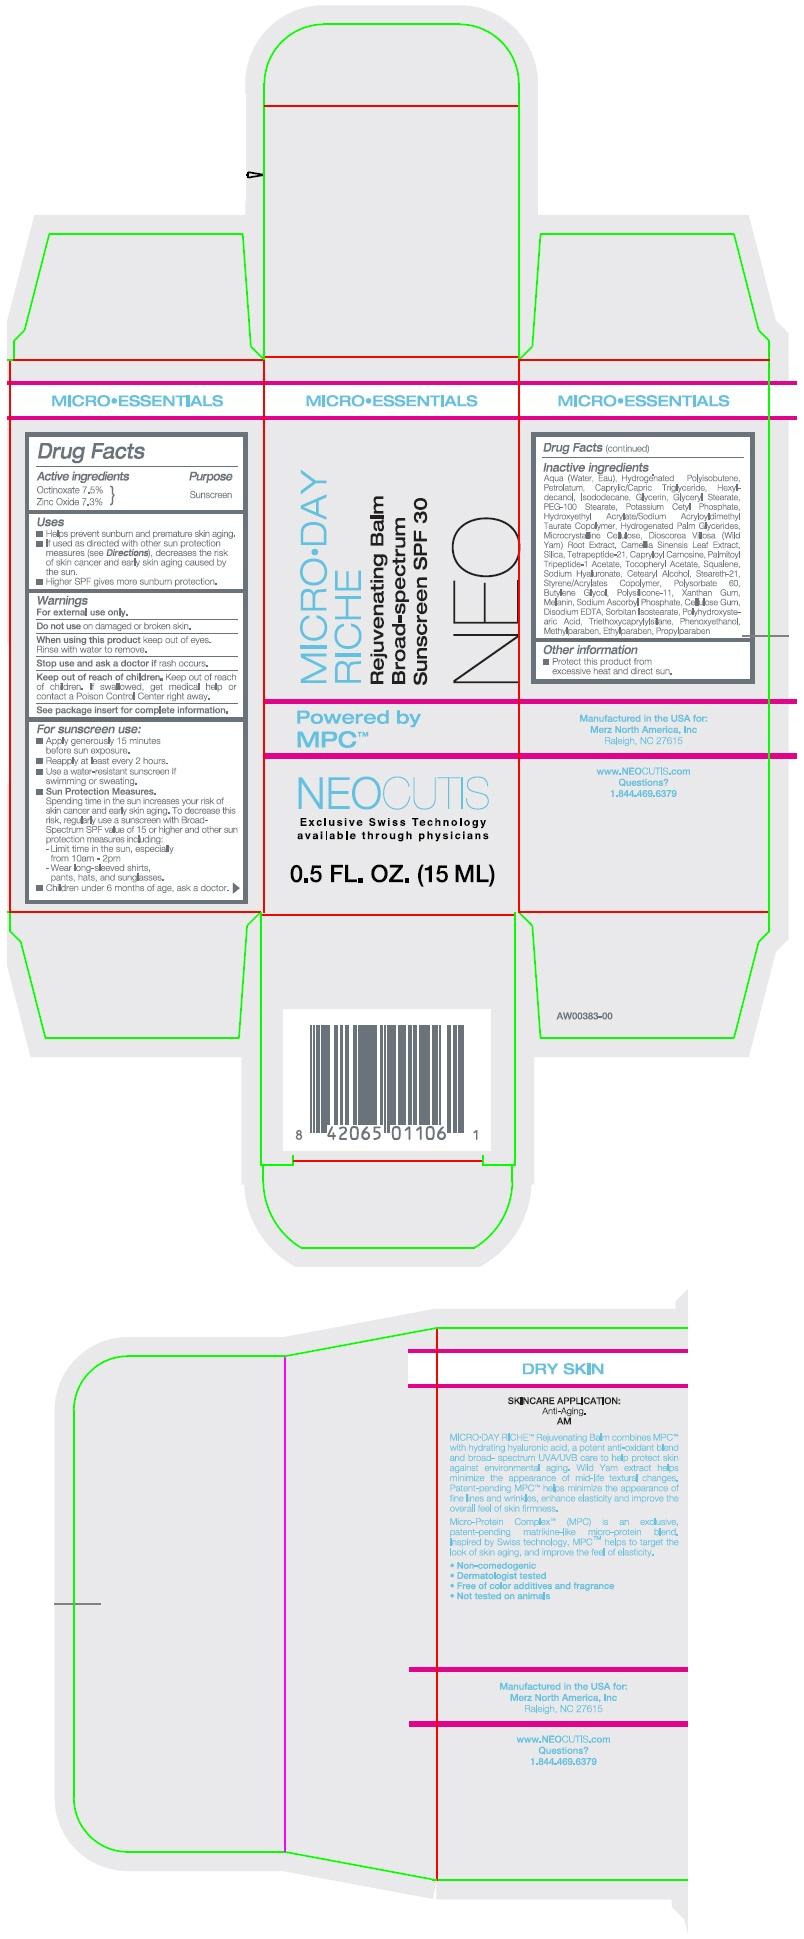 PRINCIPAL DISPLAY PANEL - 15 ML Tube Carton